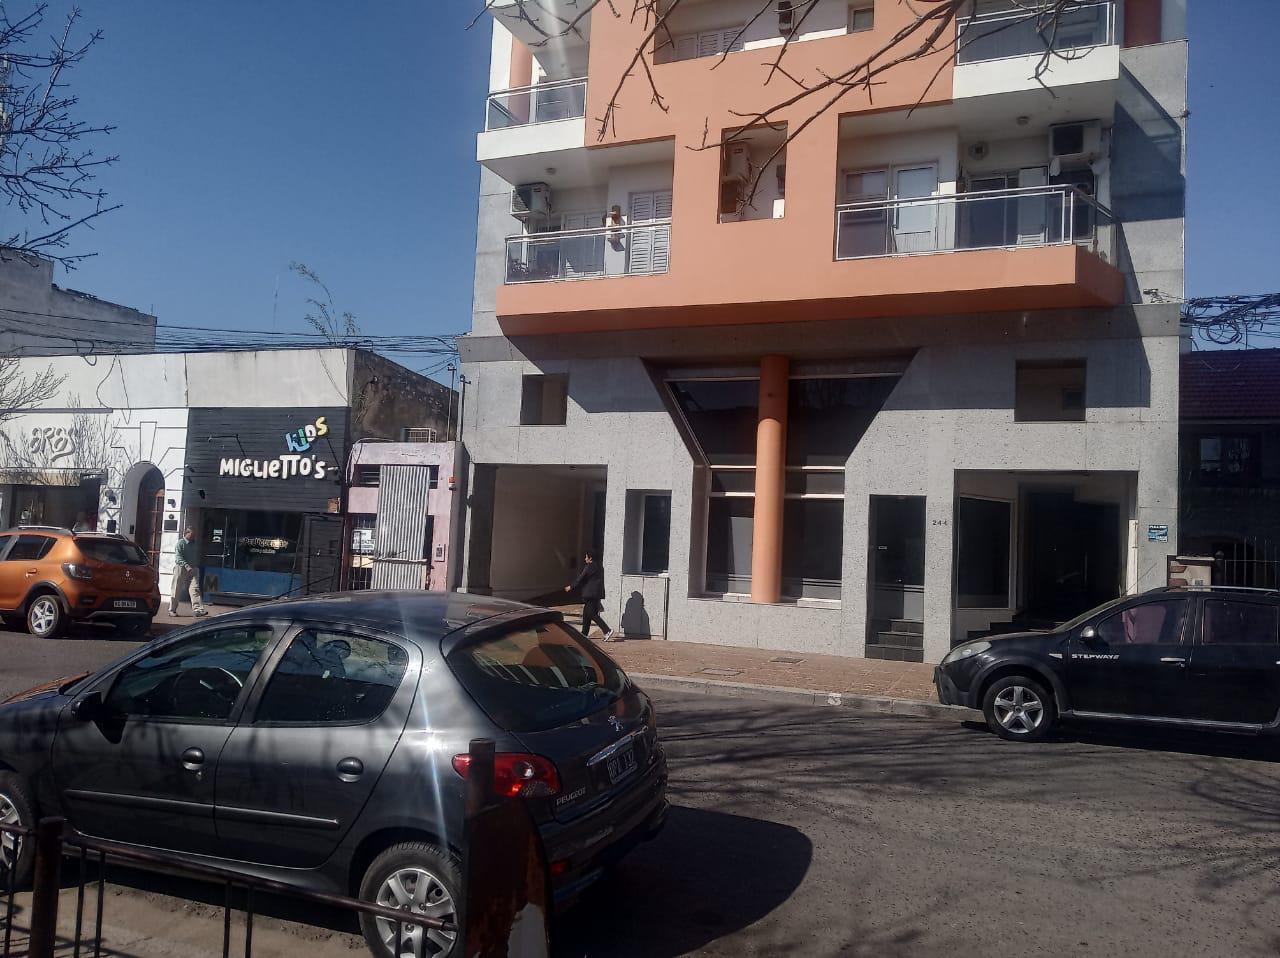 Sarmiento 244 - Gaggiotti Inmobiliaria cuenta con más de 50 años desde que se inicio en el negocio de los servicios inmobiliarios.